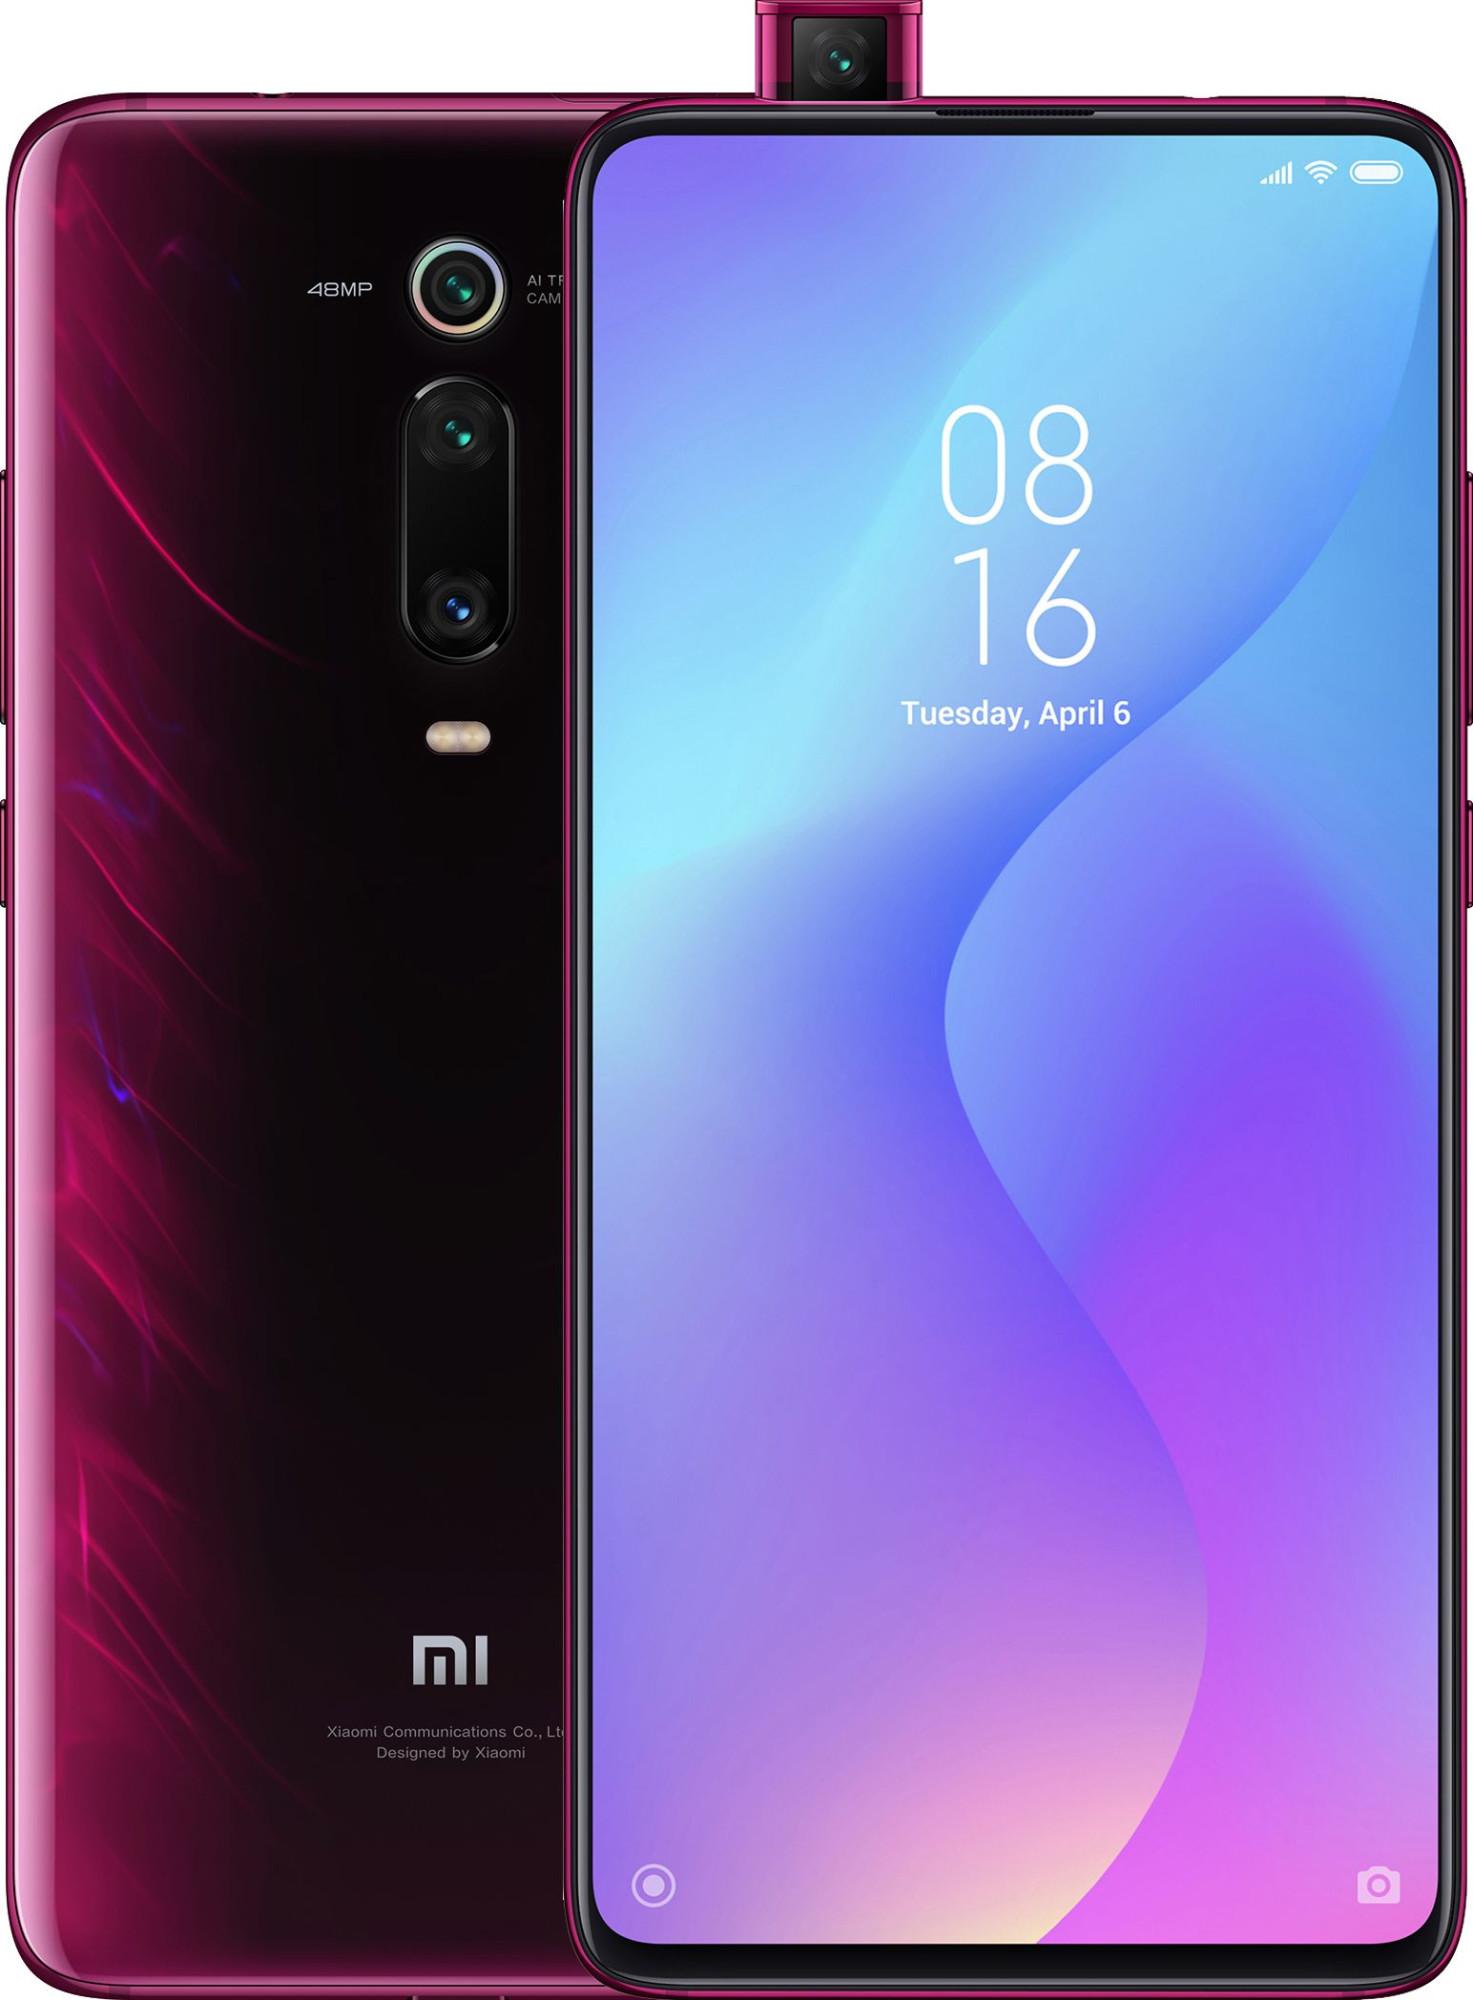 Купить Смартфон Xiaomi Mi 9T 6/128 Gb (красный) в Москве, быстрая доставка, низкие цены